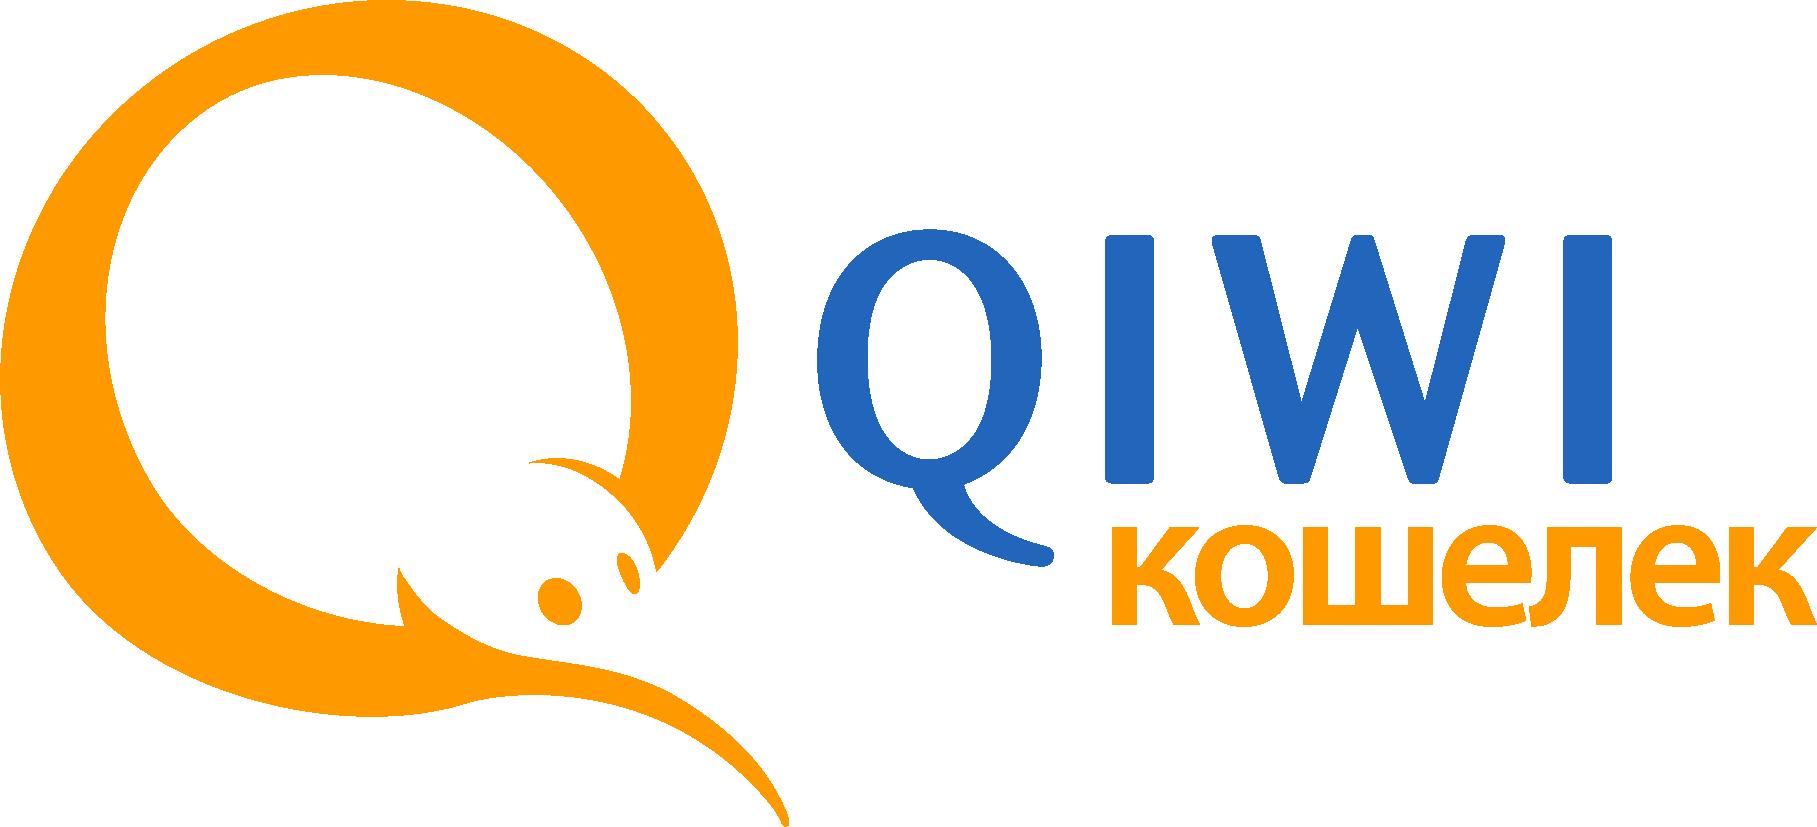 аккаунты вк qiwi